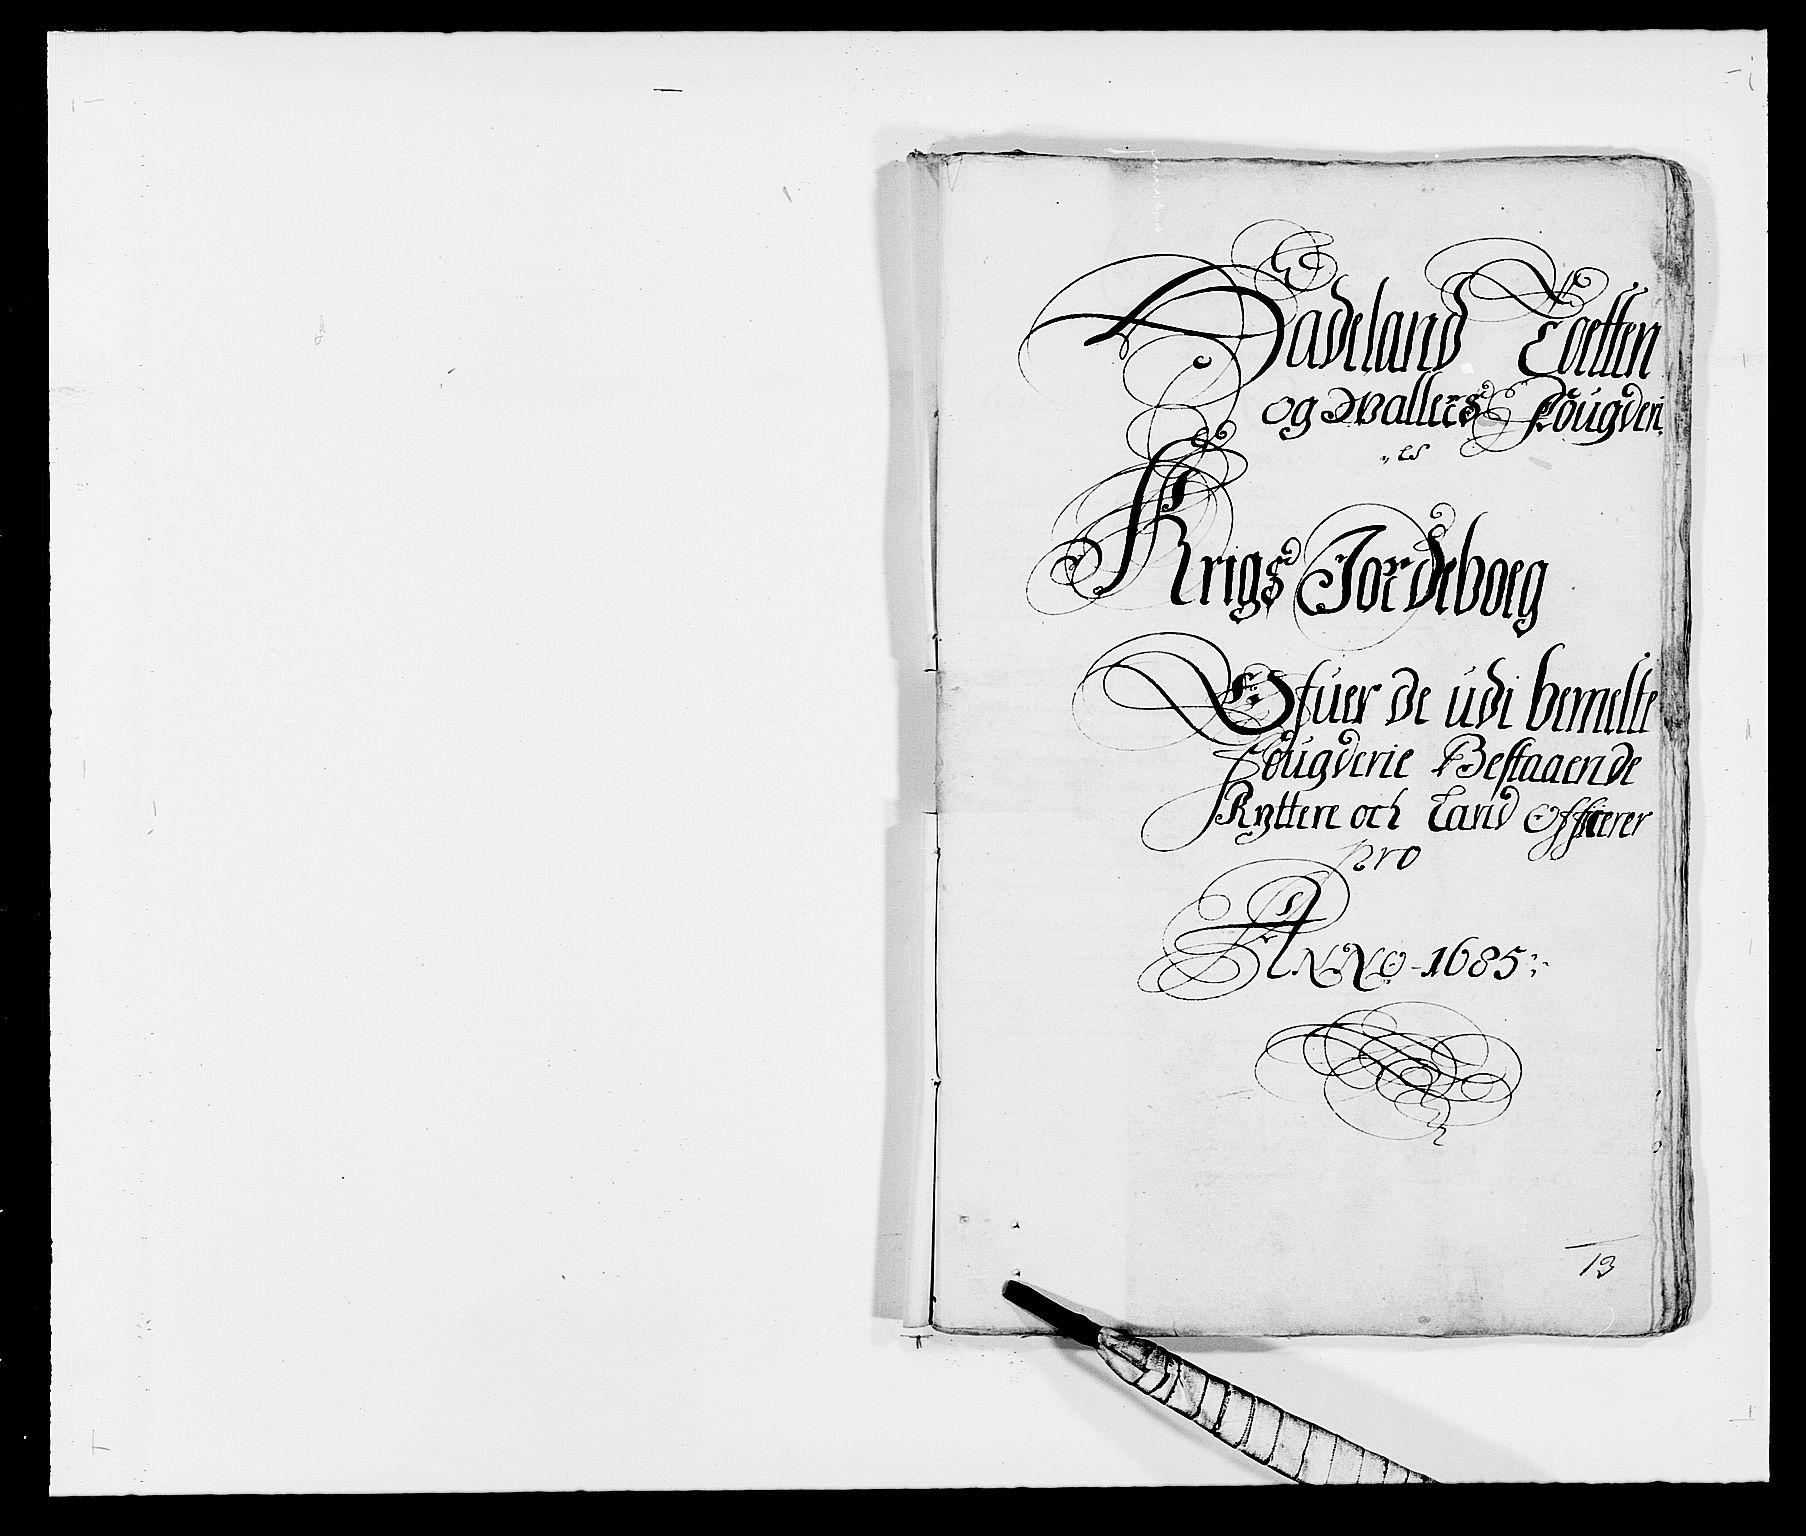 RA, Rentekammeret inntil 1814, Reviderte regnskaper, Fogderegnskap, R18/L1284: Fogderegnskap Hadeland, Toten og Valdres, 1685, s. 210